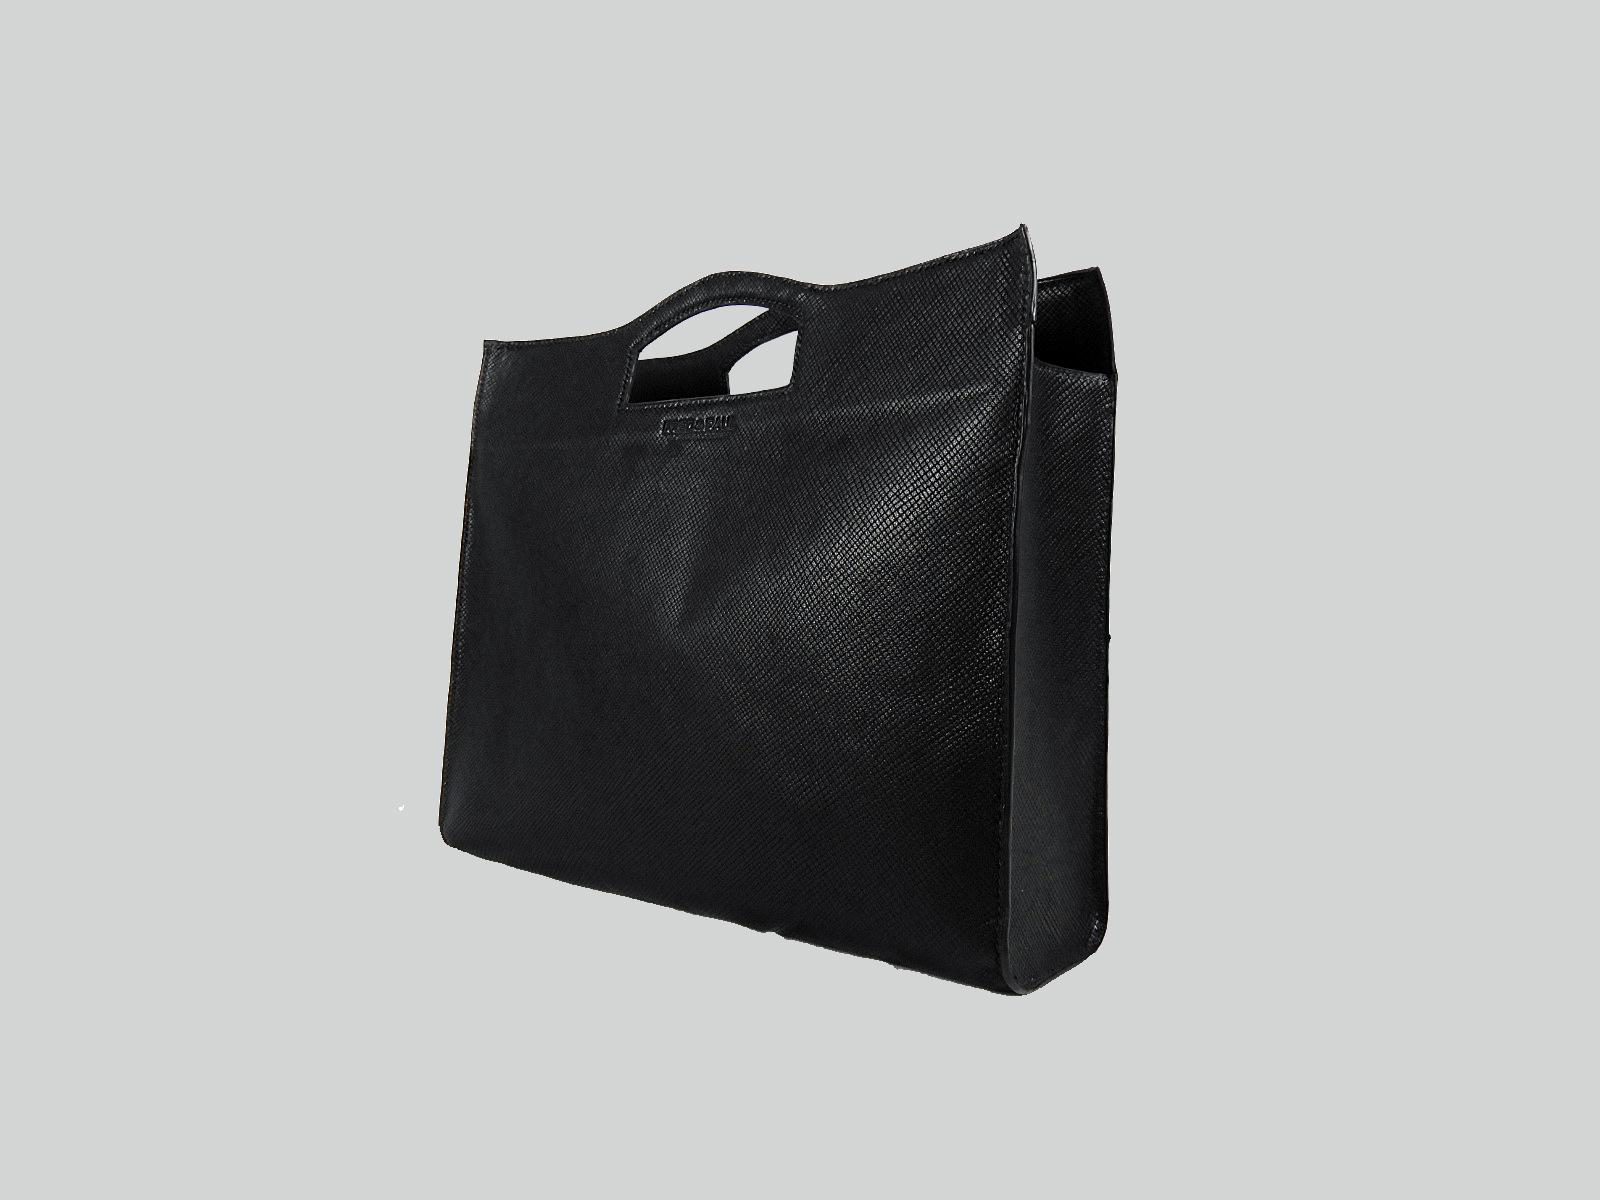 MAKALU sac cabas en cuir de veau façon reptile noir, porté main